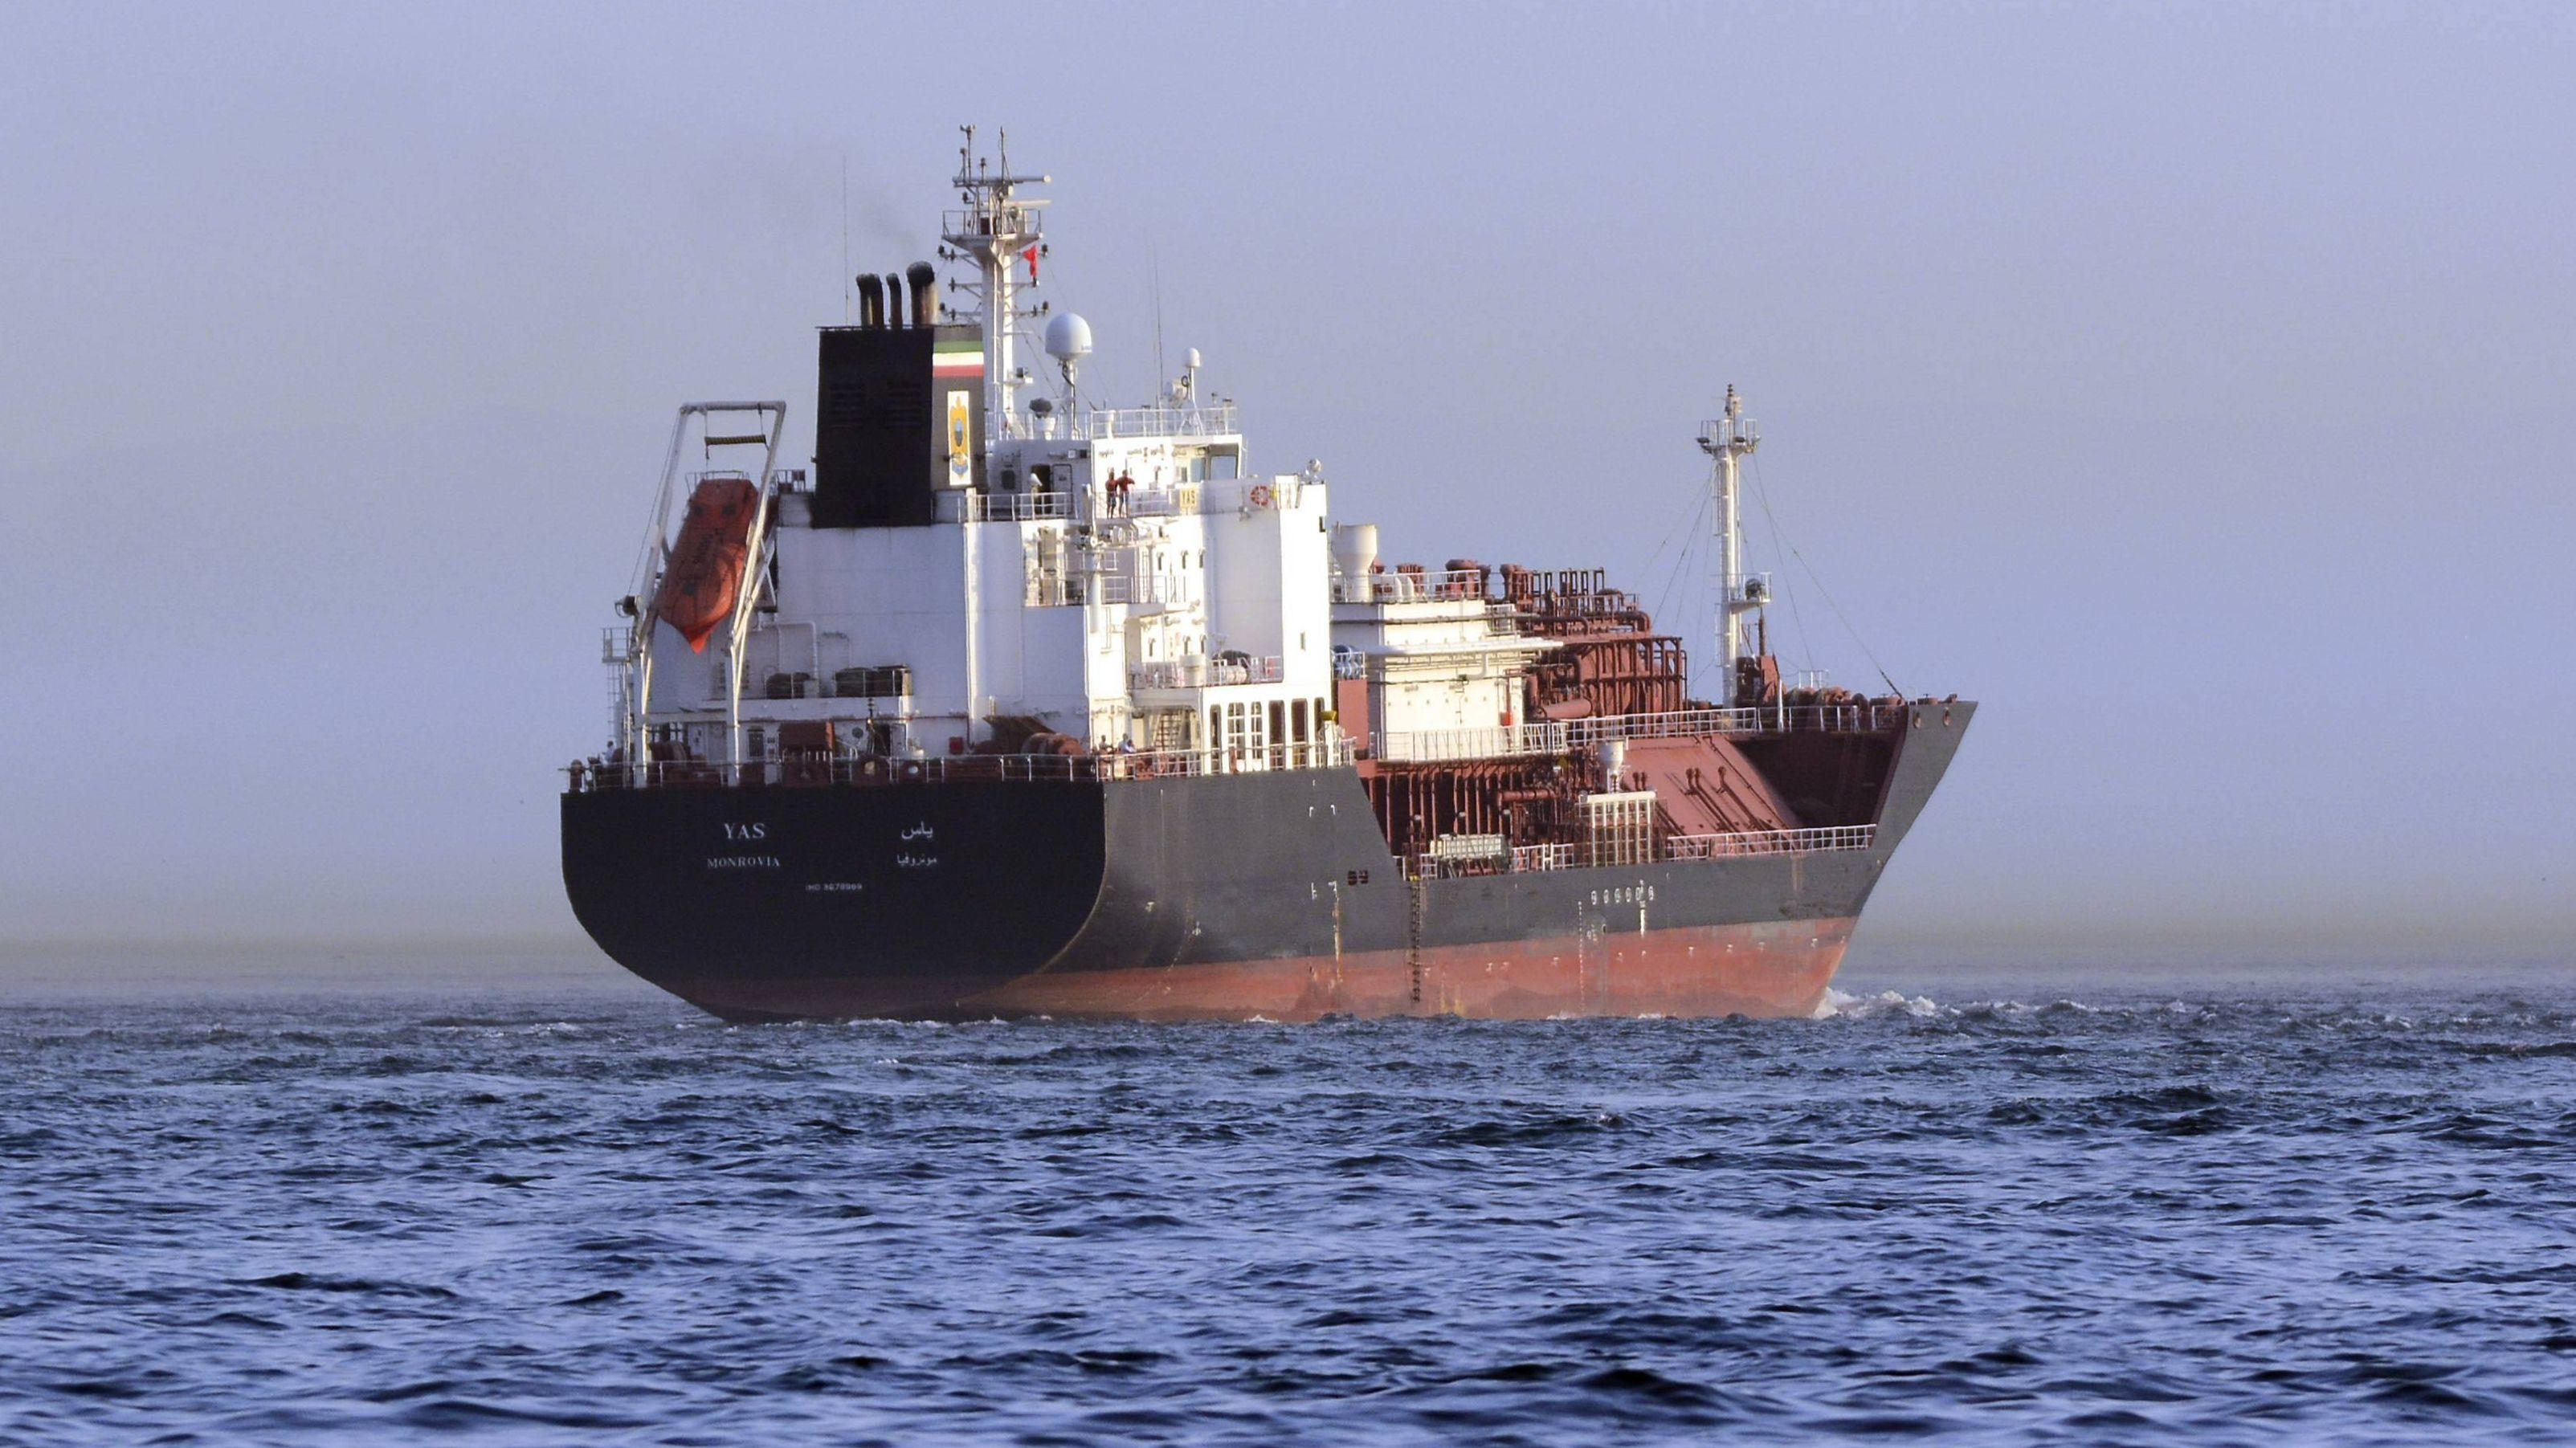 LPG Tanker Yas Monrovia am Bosporus